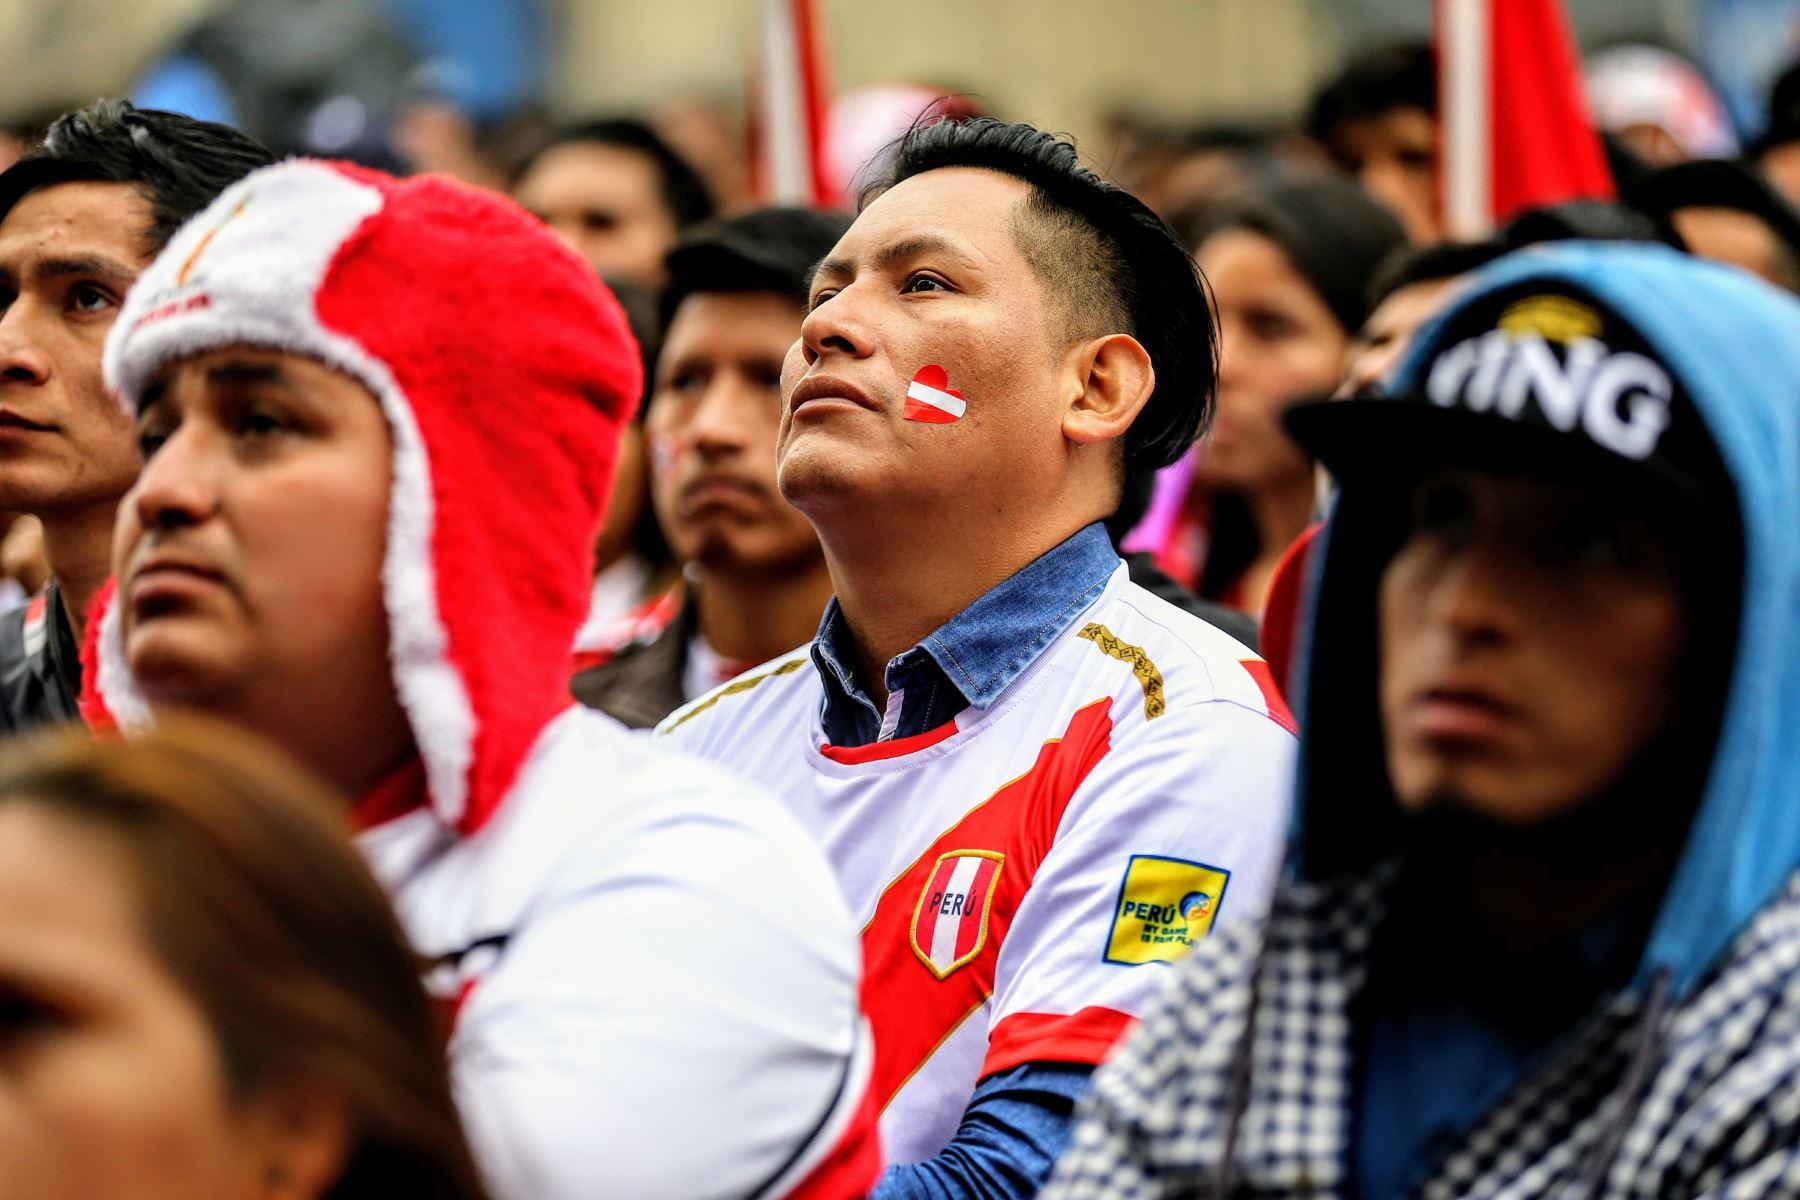 Hinchas peruanos se lamentan por eliminación de la selección en el mundial de Rusia. Foto: ANDINA/Luis Iparraguirre